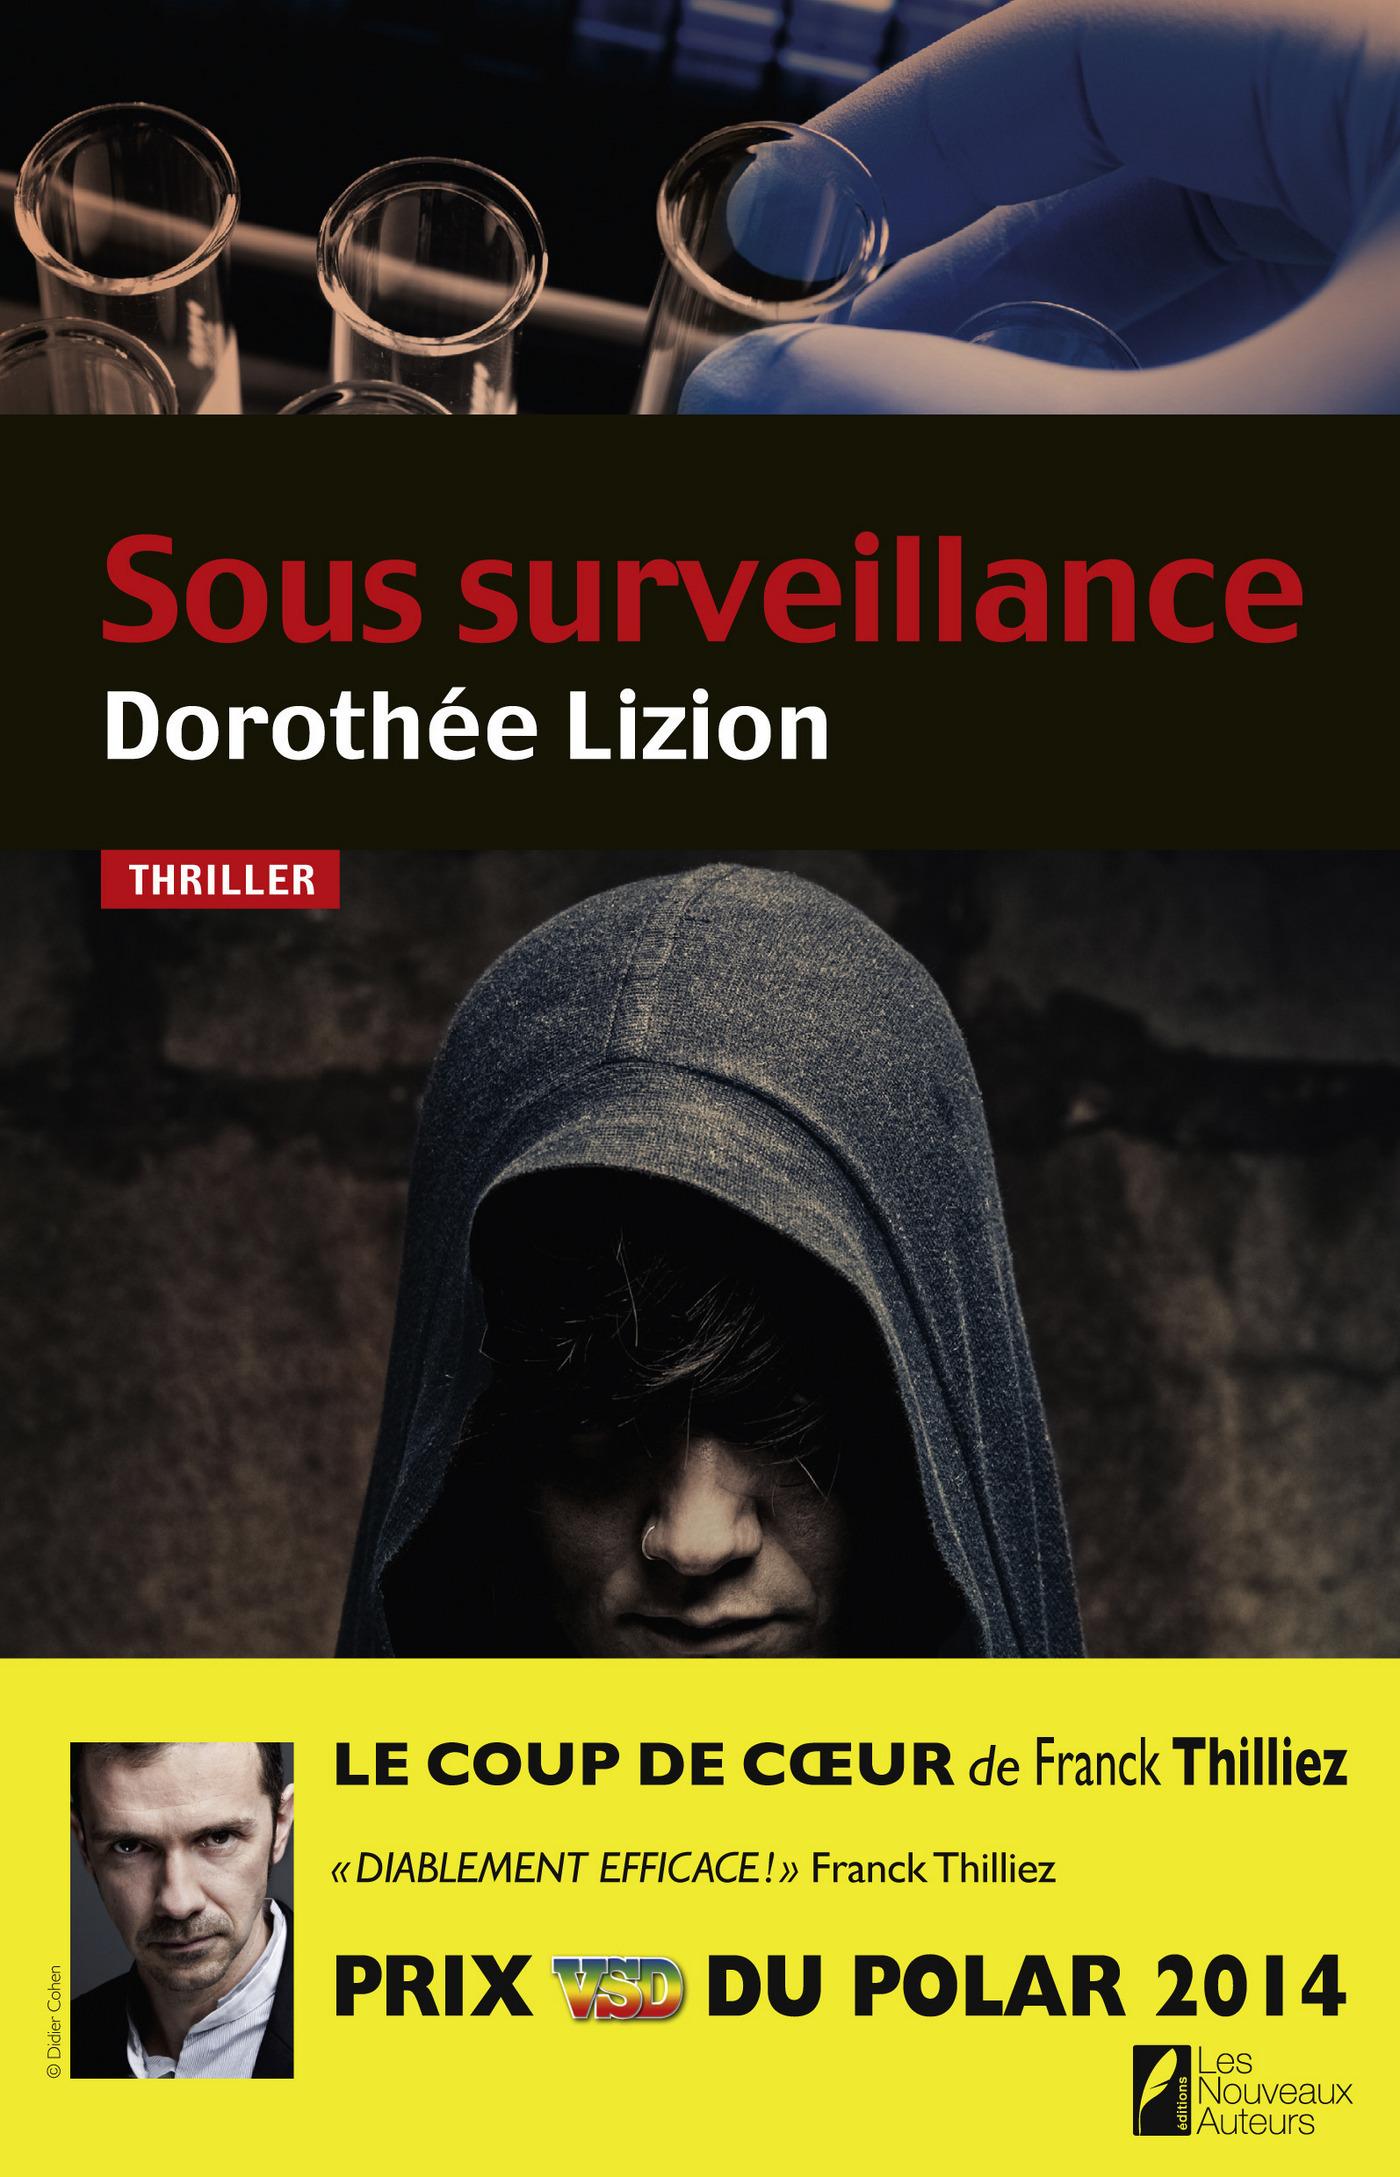 Sous surveillance. Coup de coeur de Franck Thilliez. PRIX VSD du polar 2014